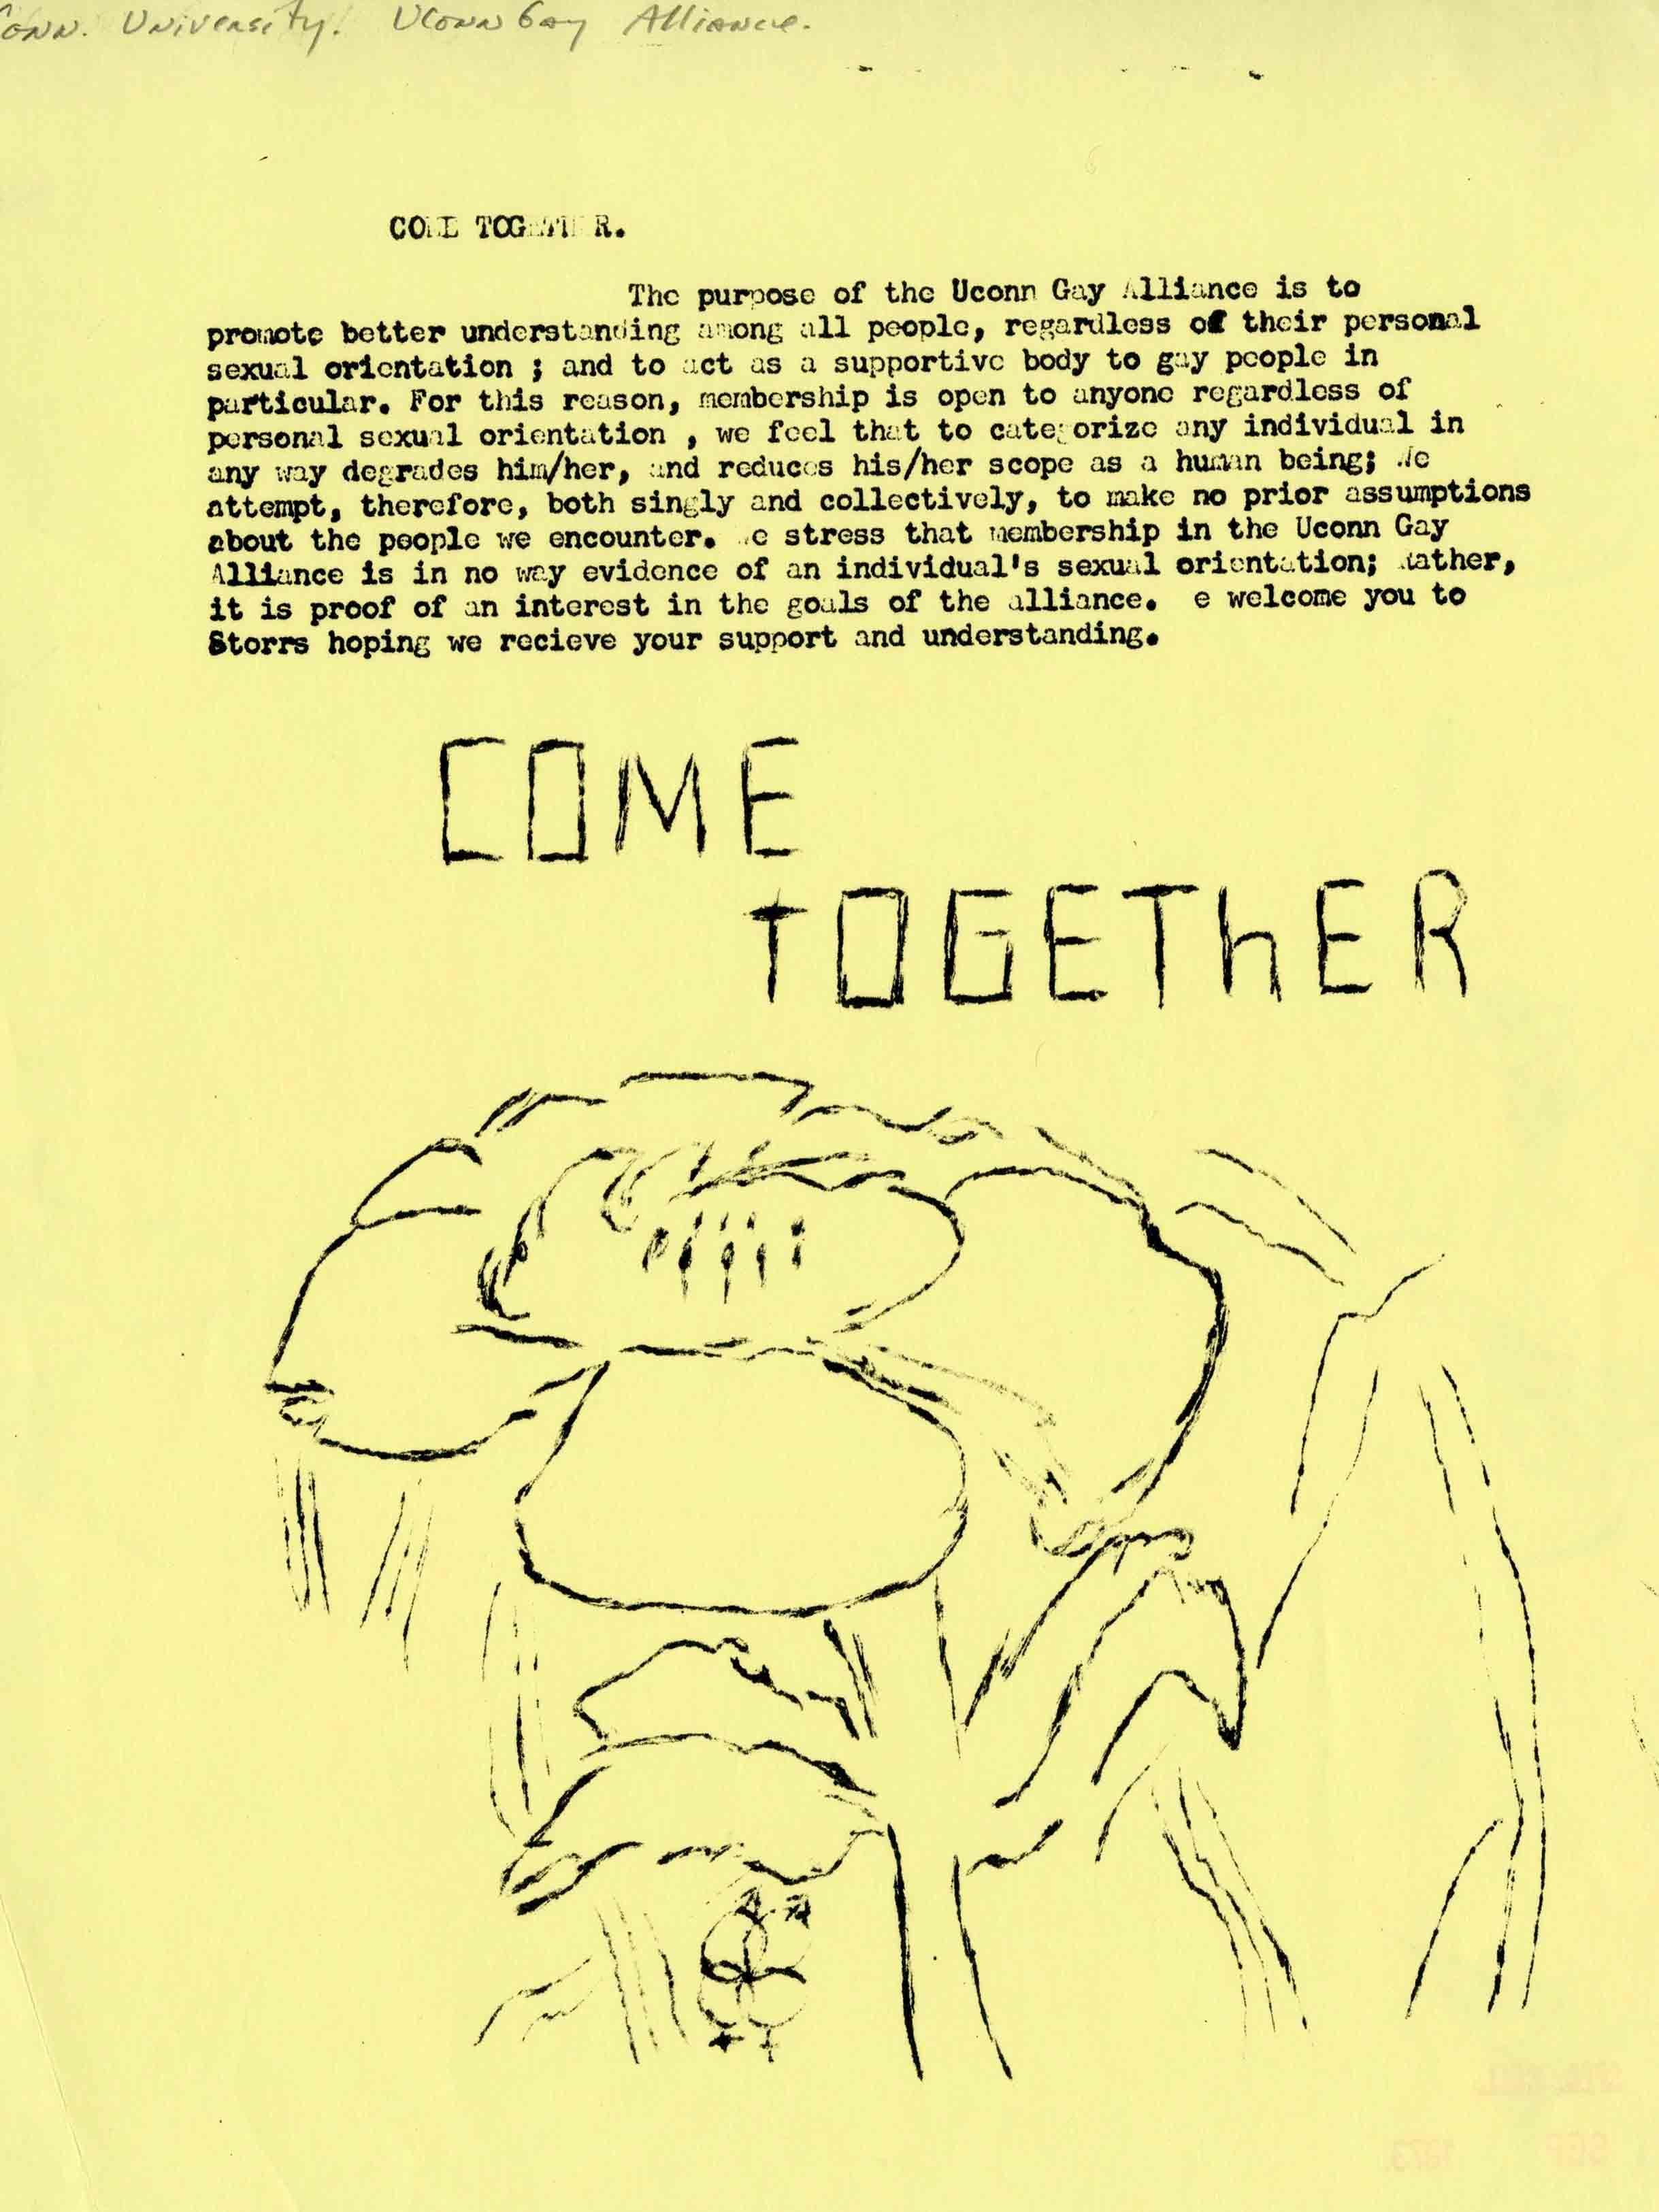 -UConn Gay Alliance, Come Together Flyer (September 1973)